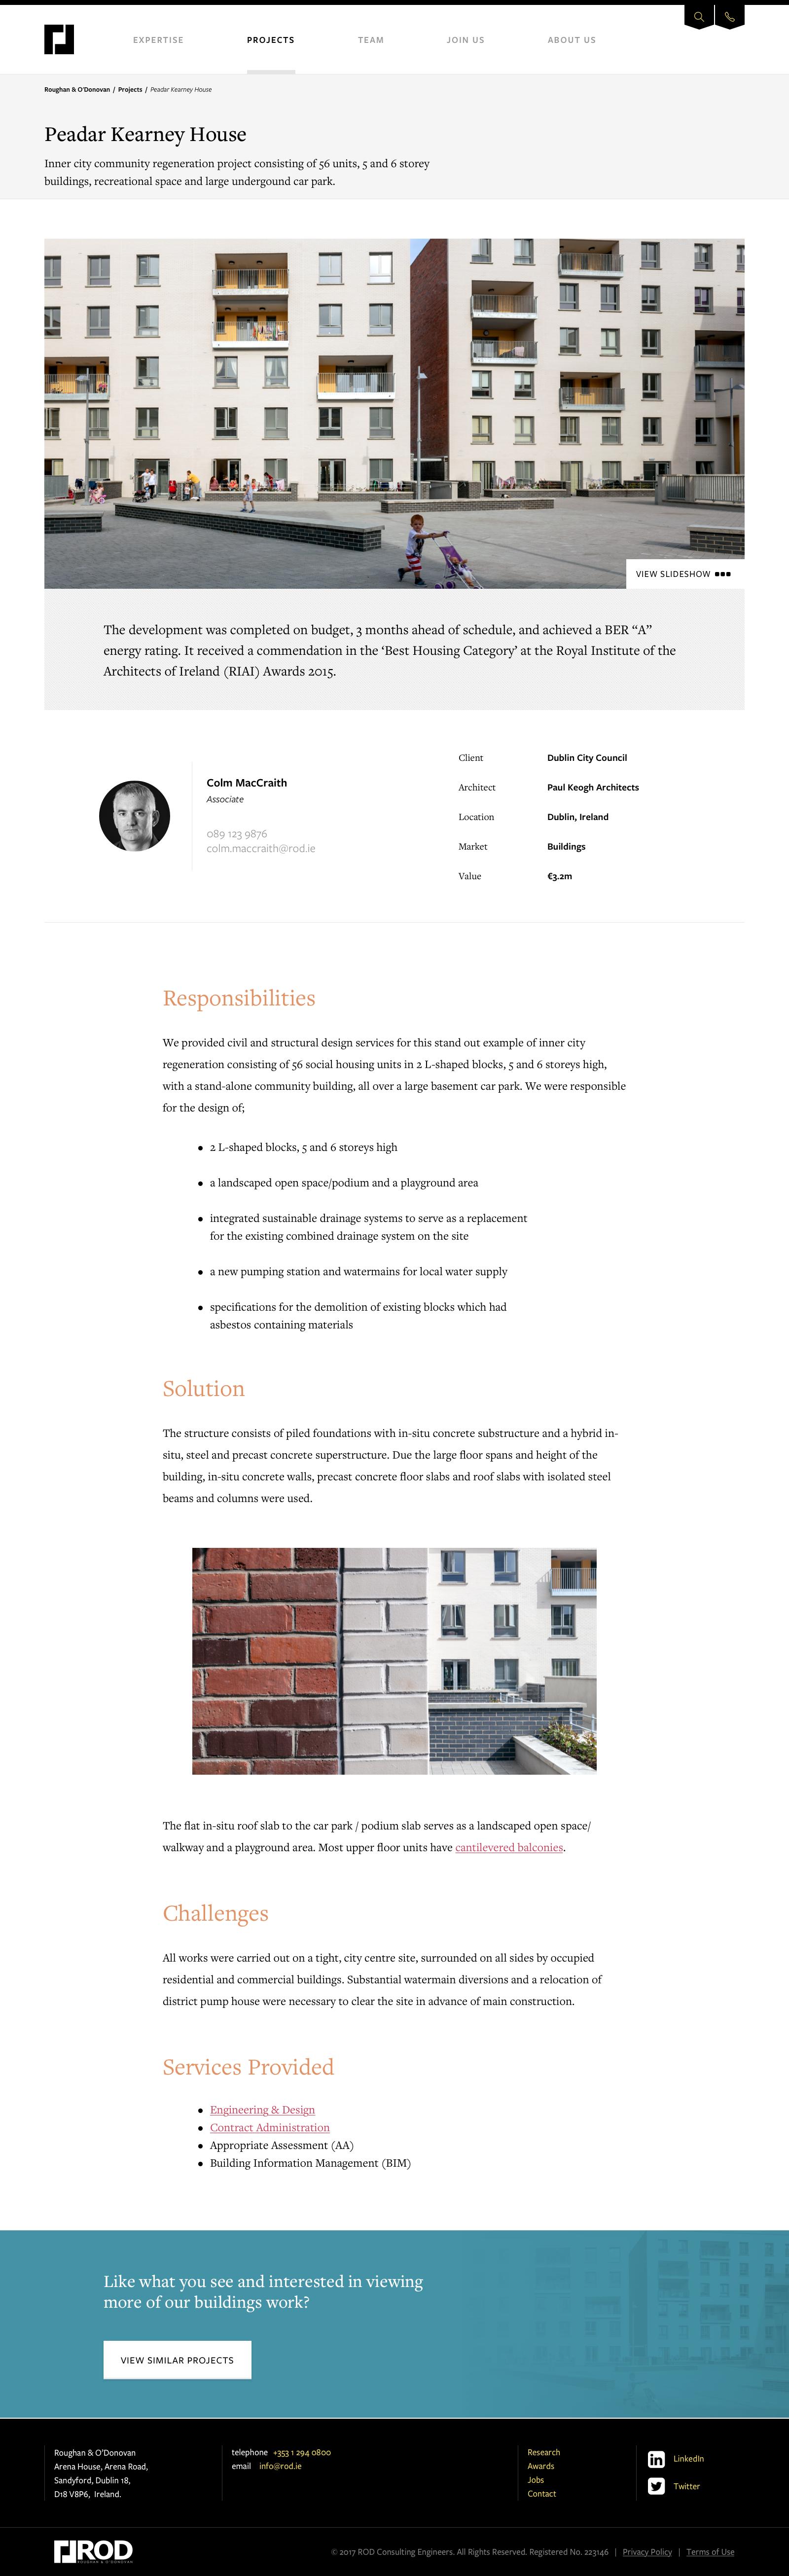 ROD_Desktop–Projects-Content